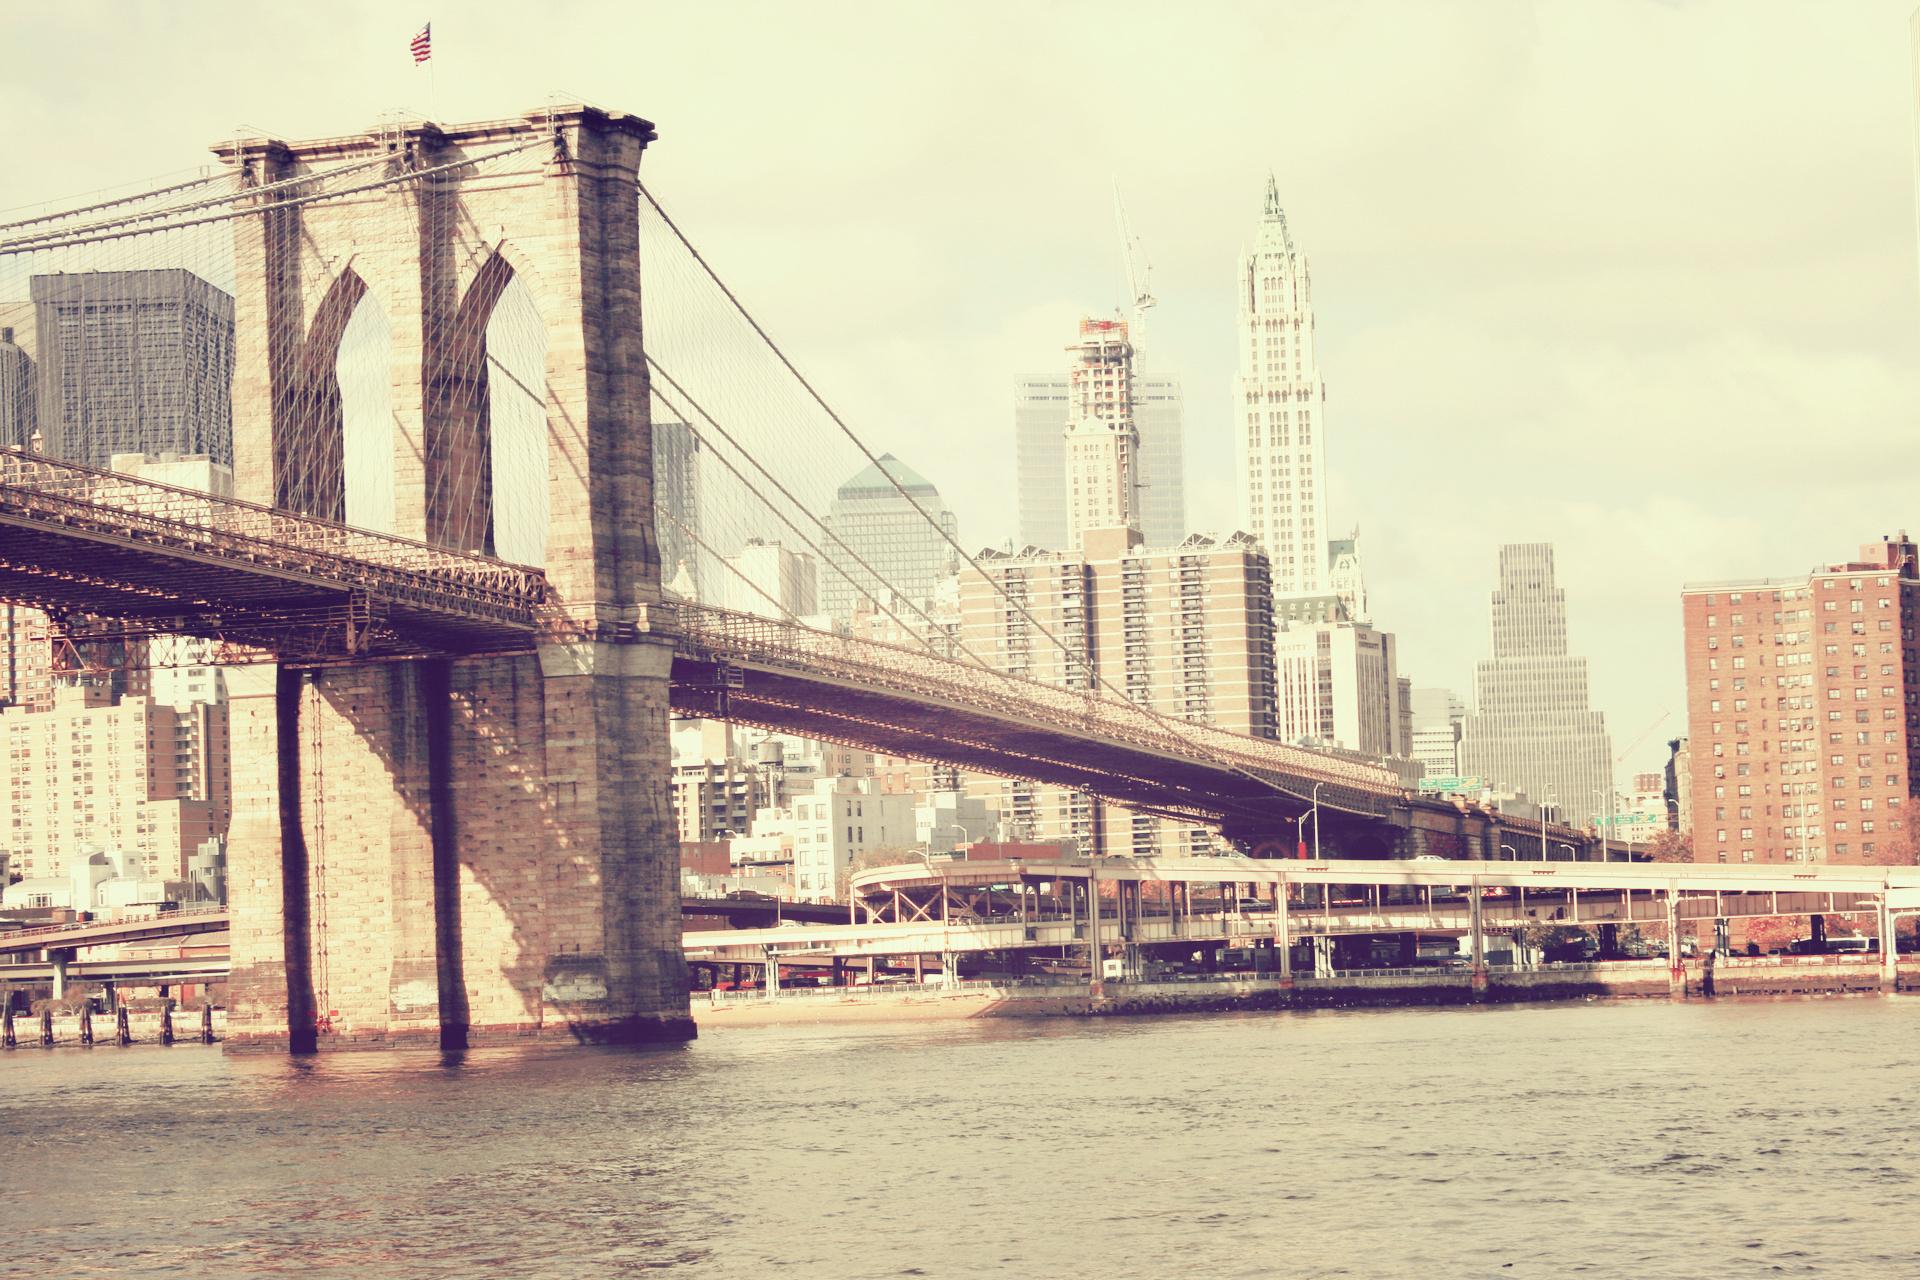 39454 скачать обои Пейзаж, Города, Мосты - заставки и картинки бесплатно